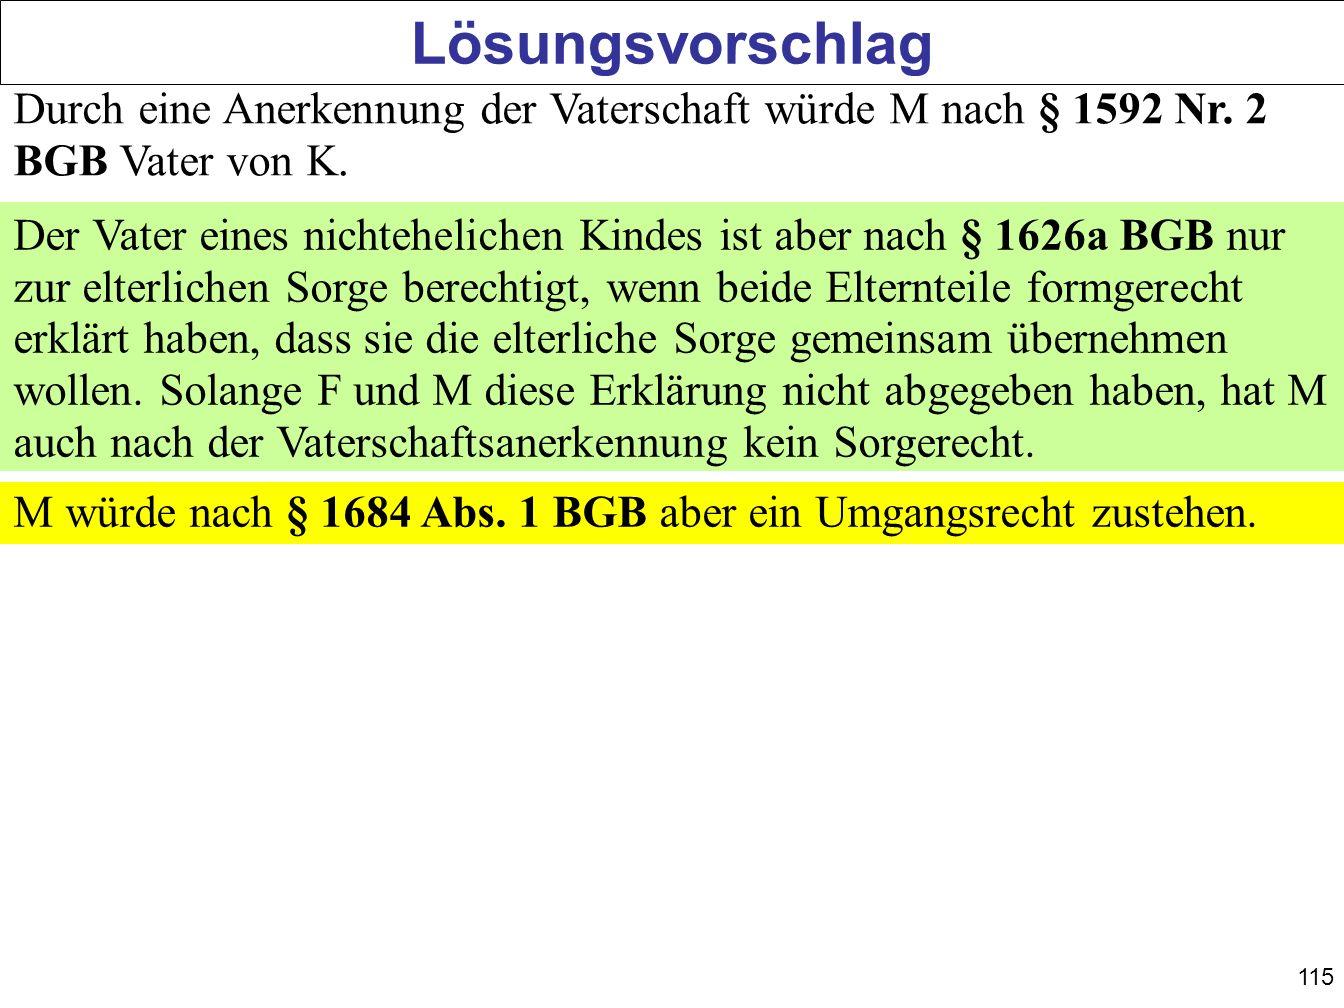 115 Lösungsvorschlag Durch eine Anerkennung der Vaterschaft würde M nach § 1592 Nr. 2 BGB Vater von K. Der Vater eines nichtehelichen Kindes ist aber